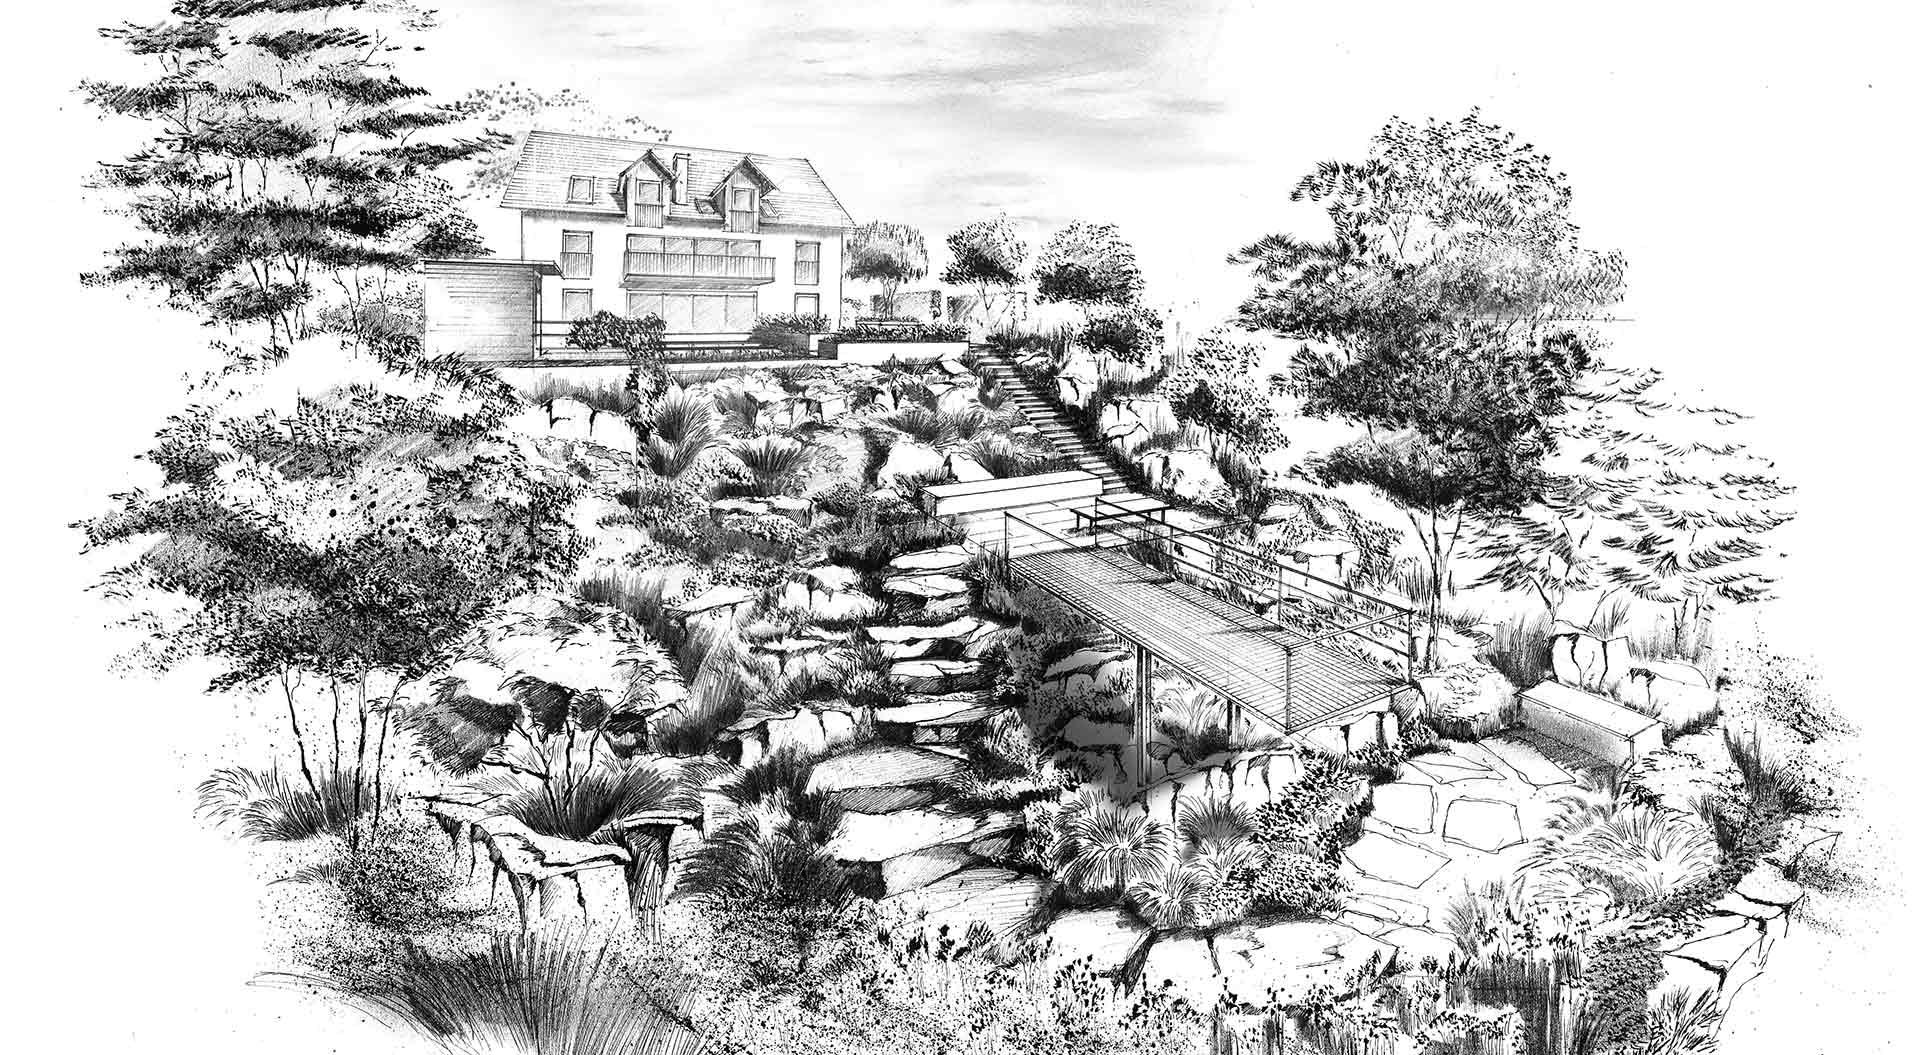 Skizze für Gartenplanung am Hang mit Aussichtssteg